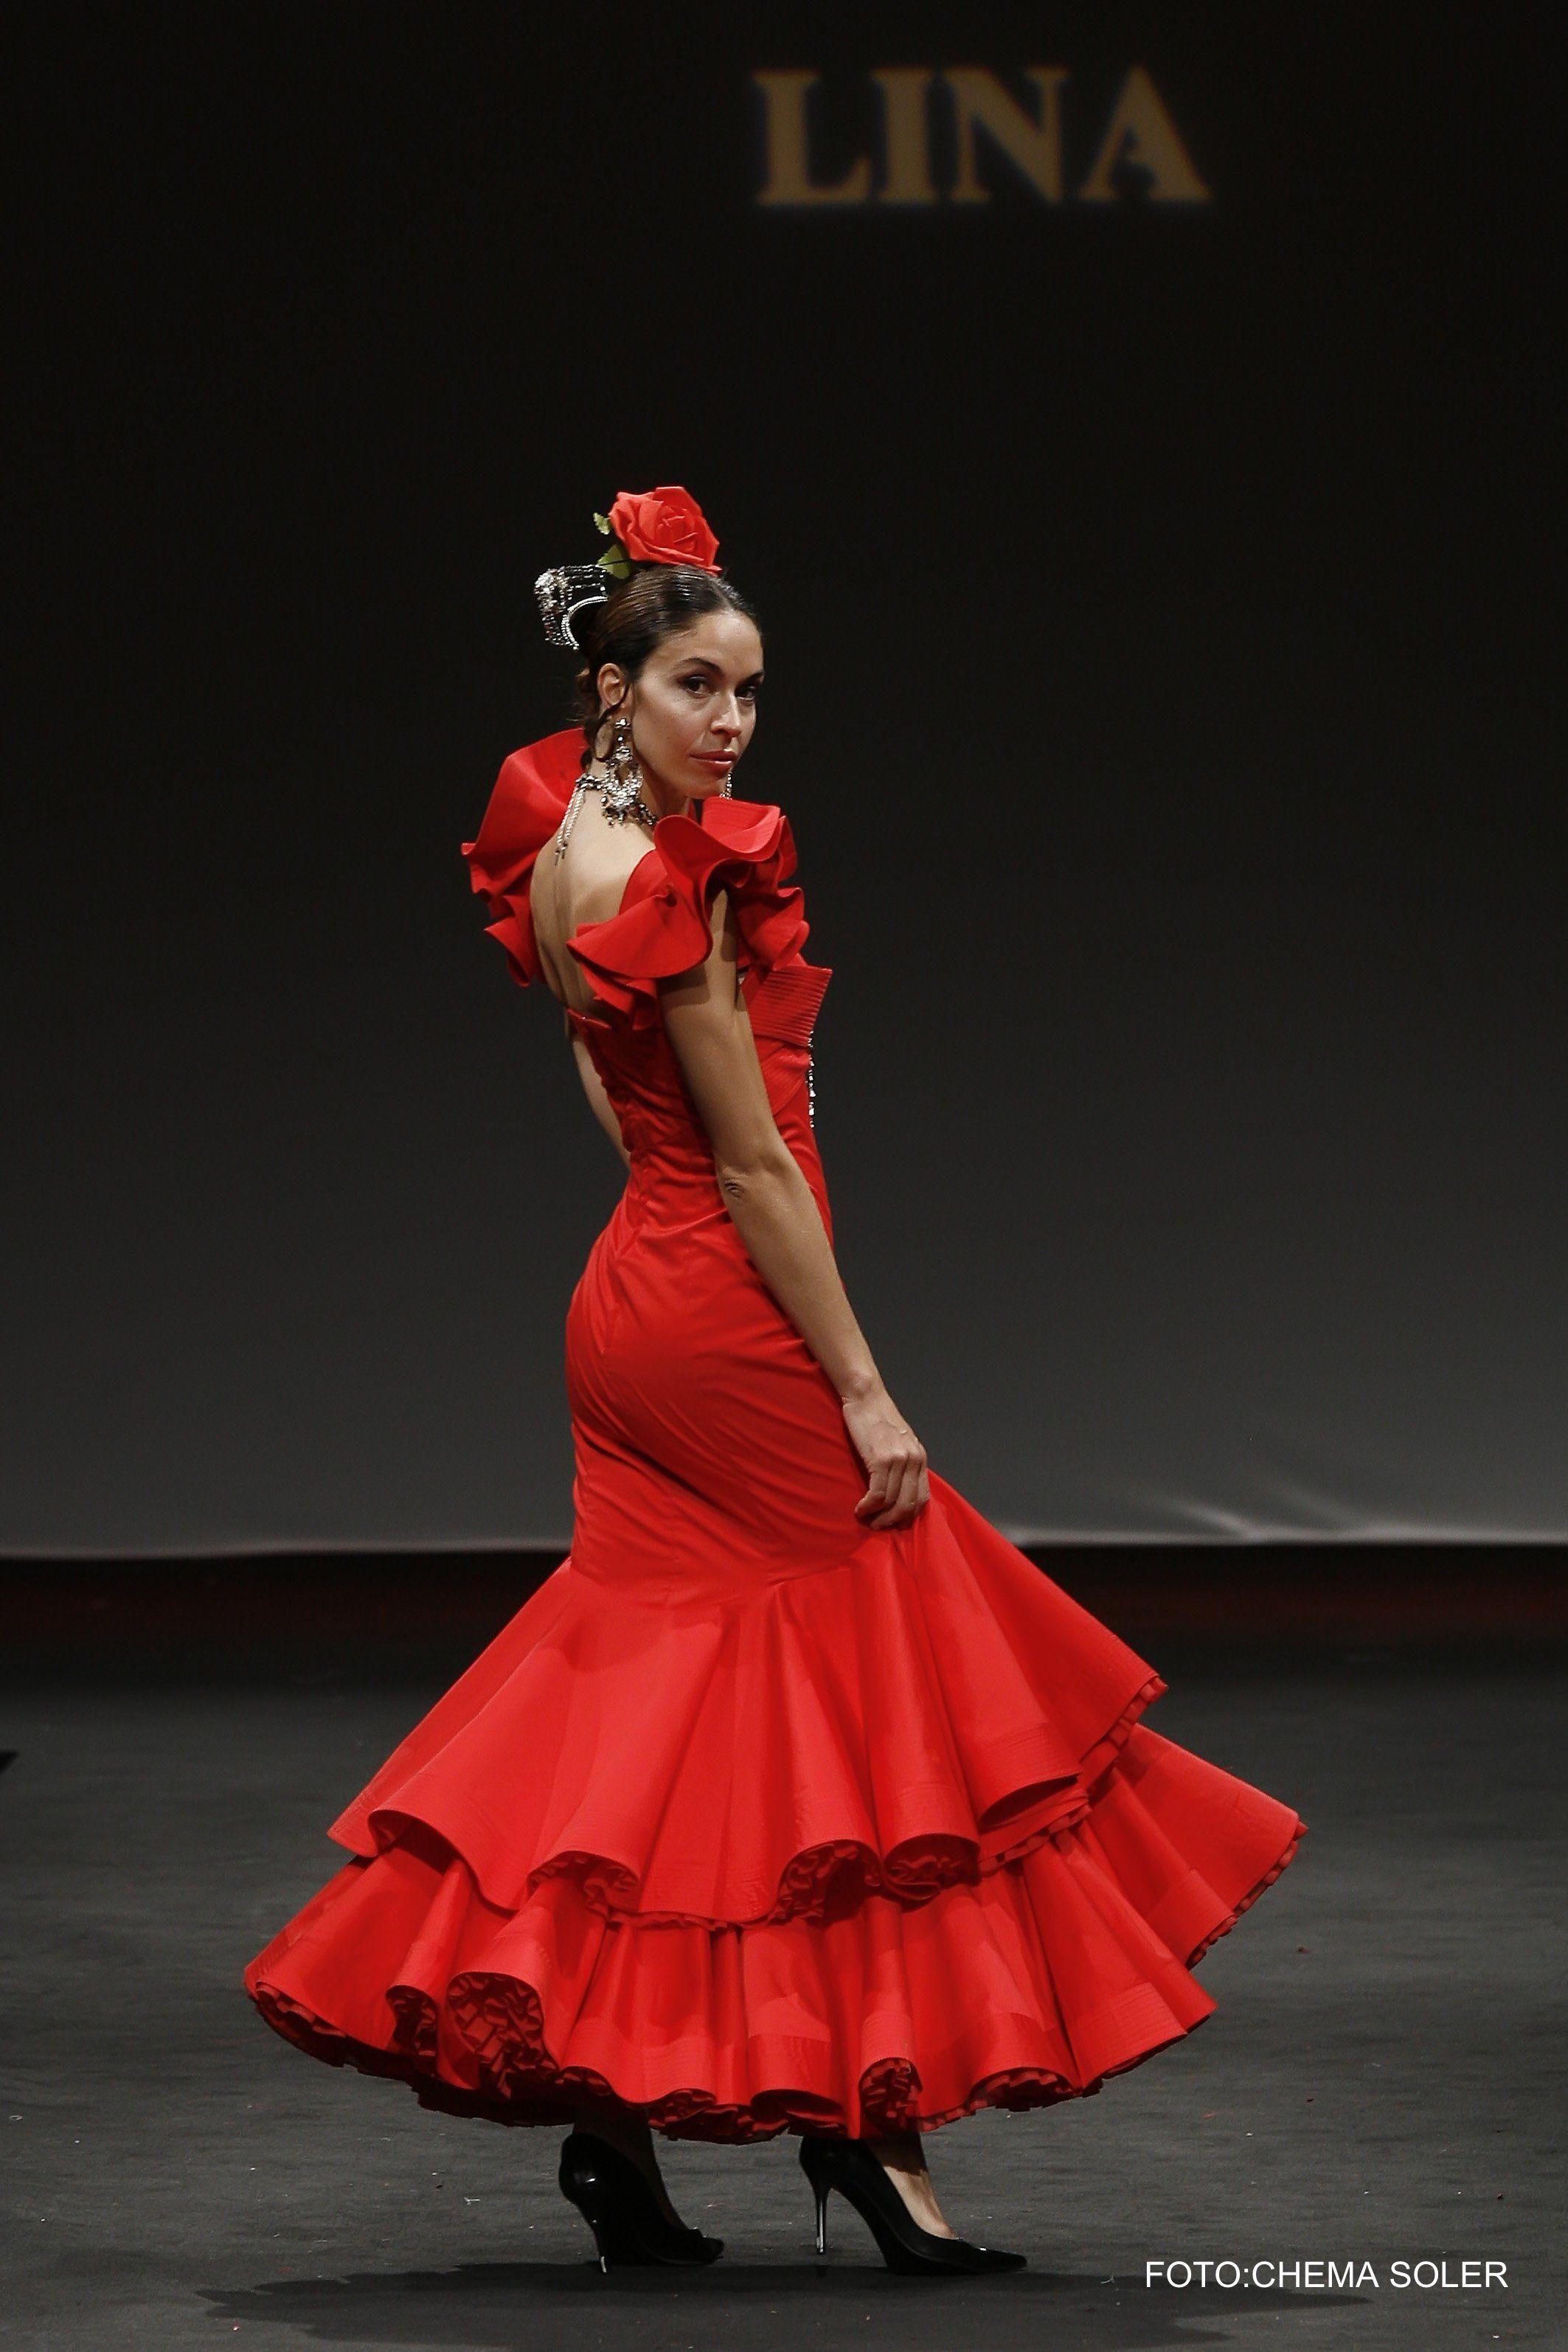 Vestido flamenca rojo y negro